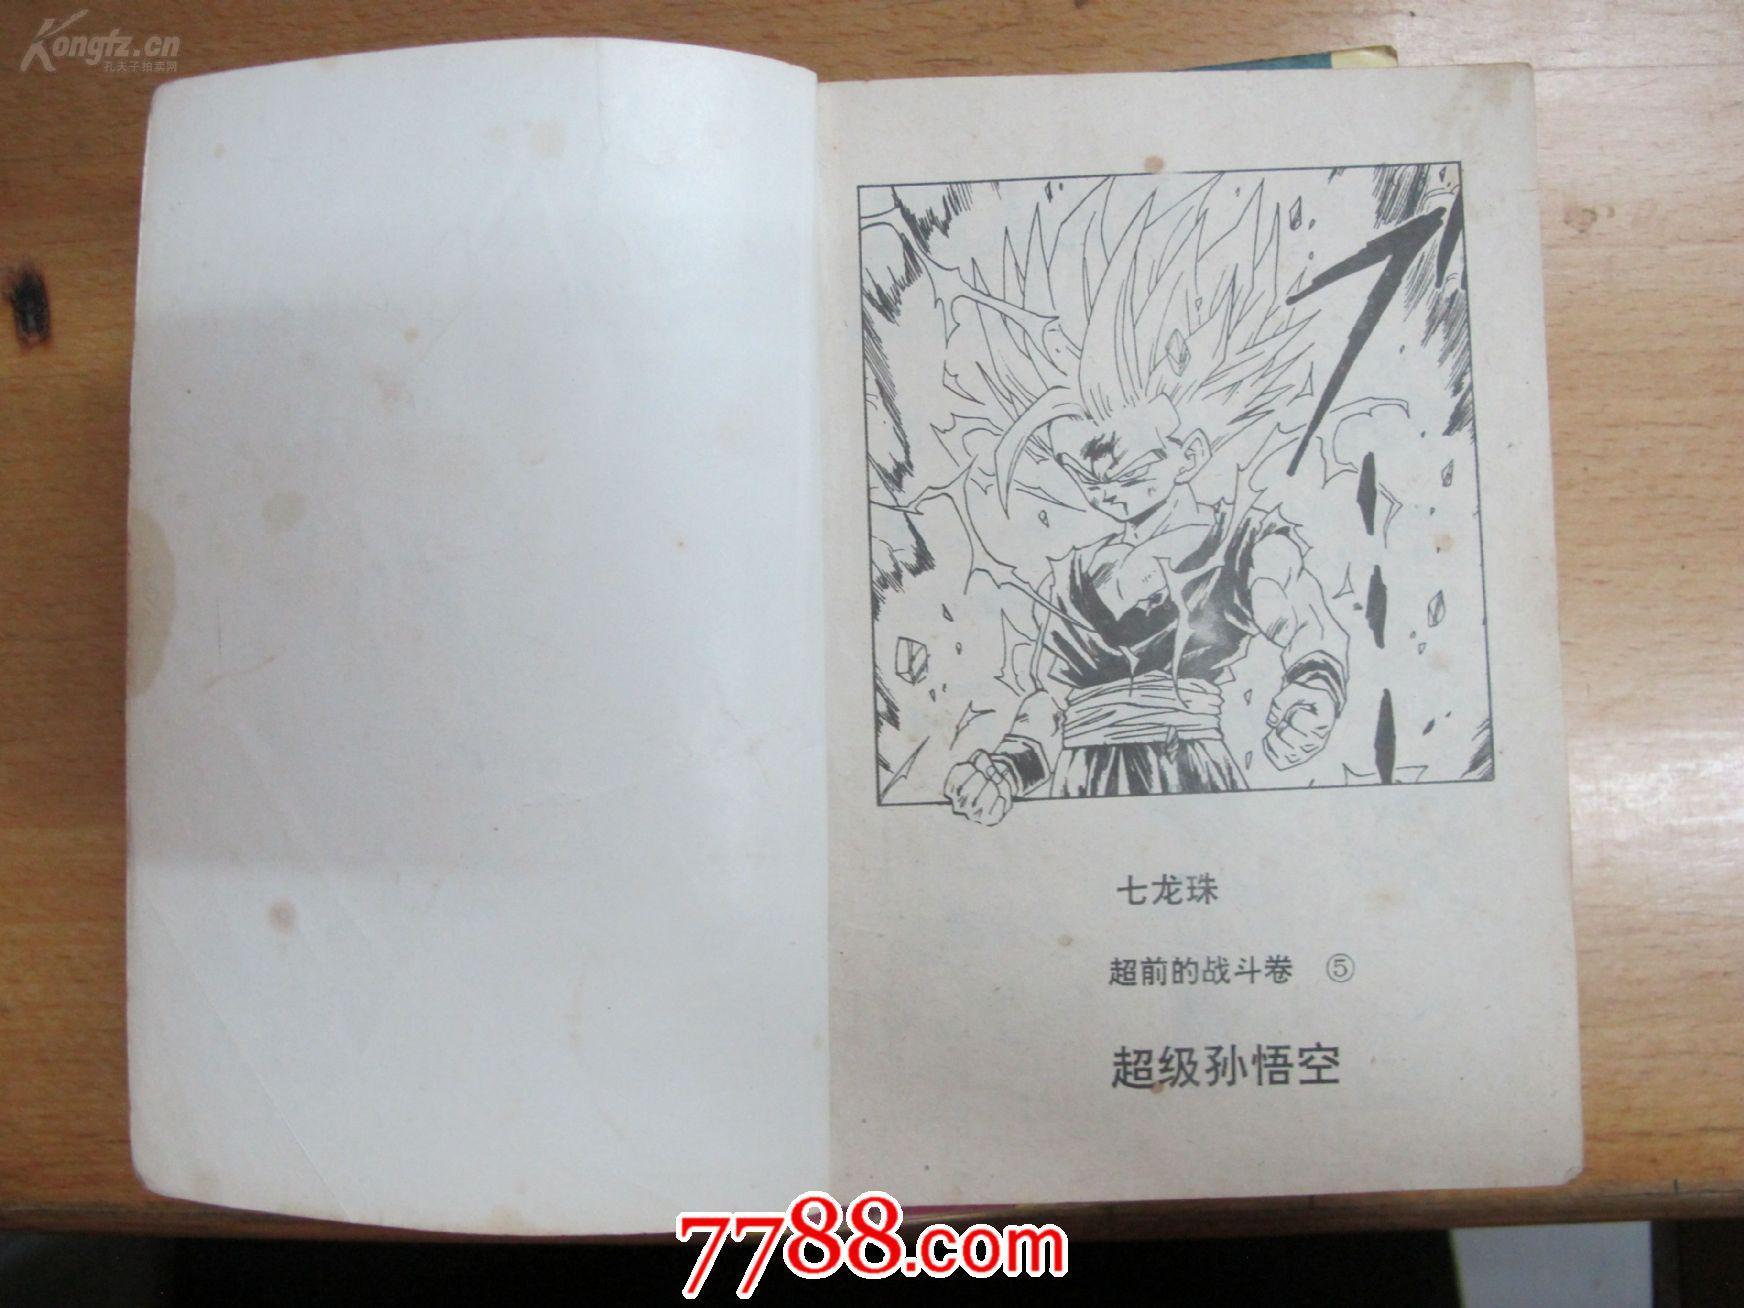 小子漫画书9册(七龙珠、孔雀王、福星漫画、足东京种卡通食125话图片